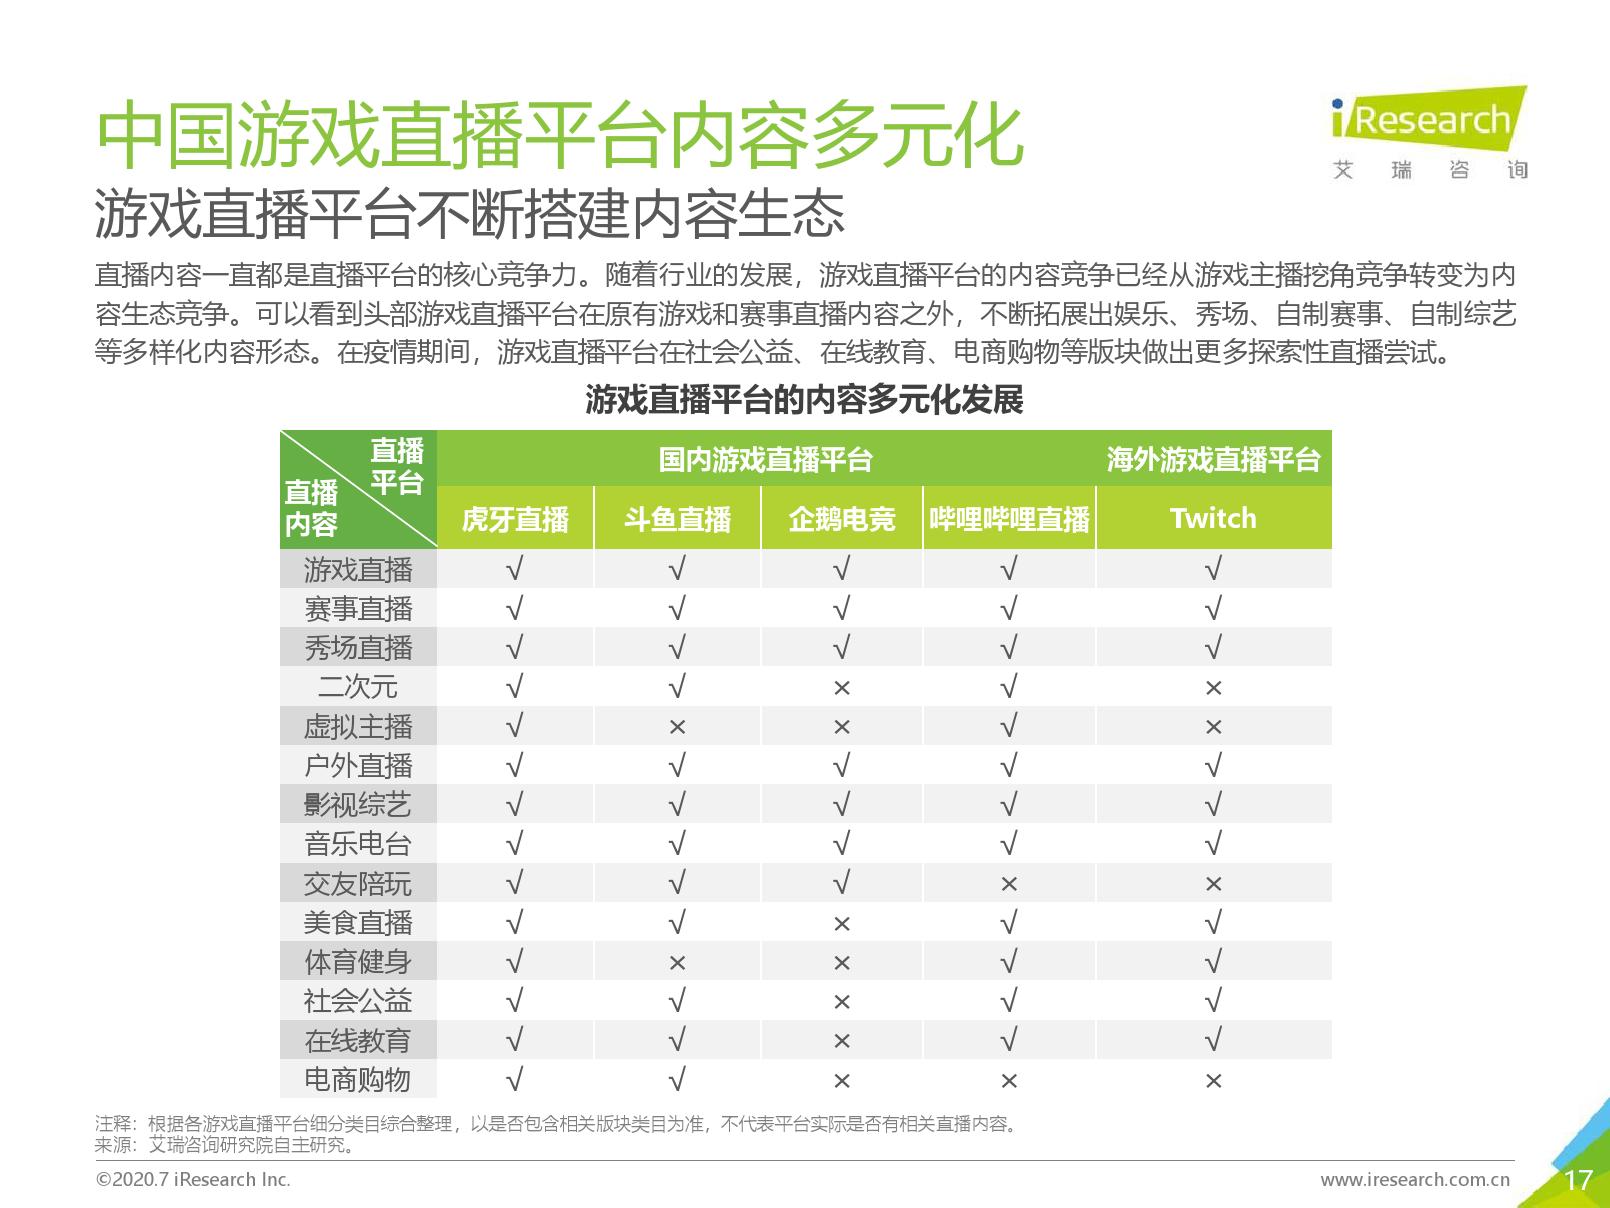 艾瑞咨询:2020年中国游戏直播行业研究报告(可下载报告)插图(33)